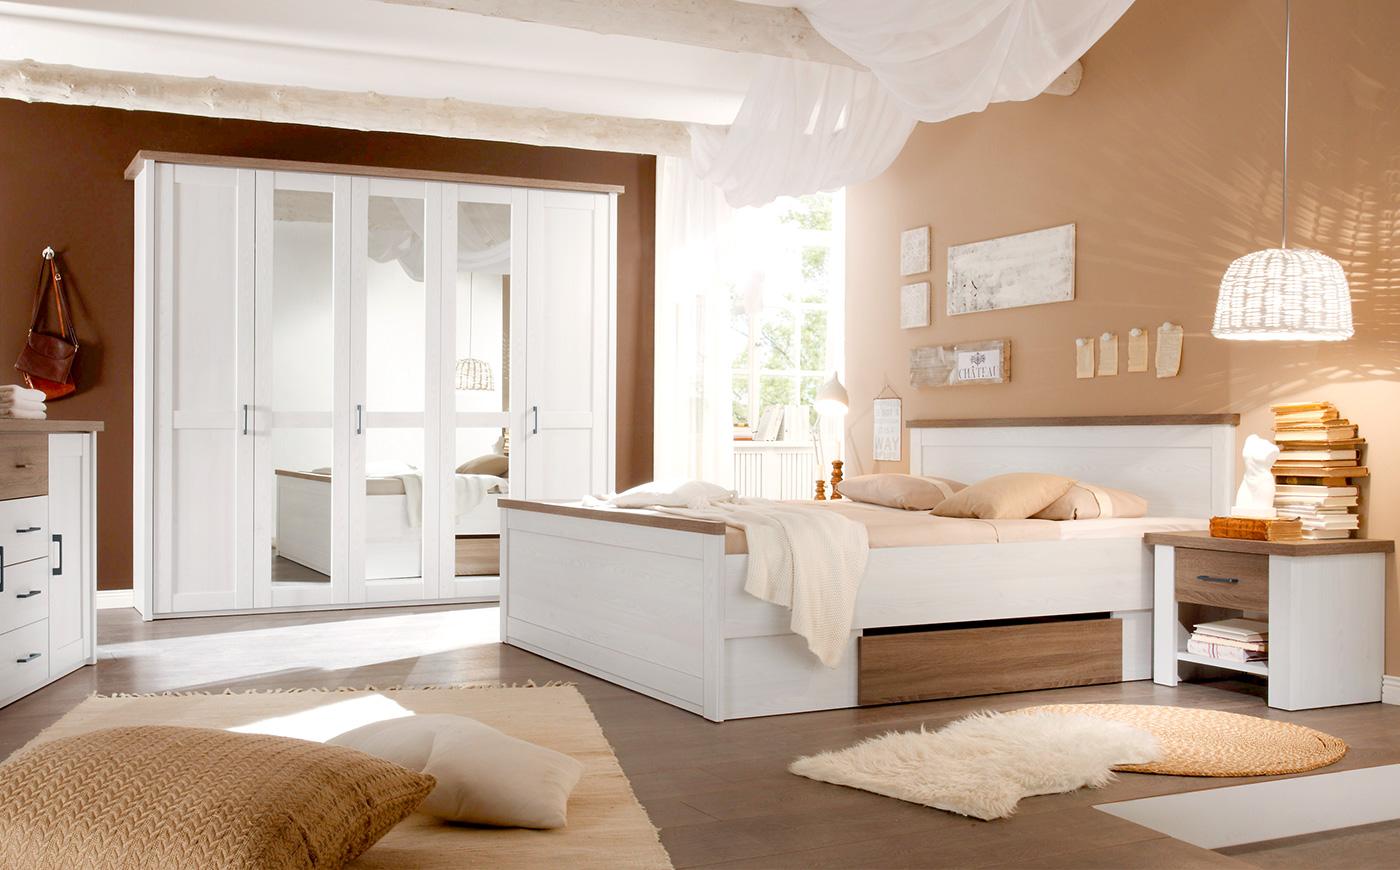 Wohnideen Großes Schlafzimmer schlafzimmer möbelpiraten